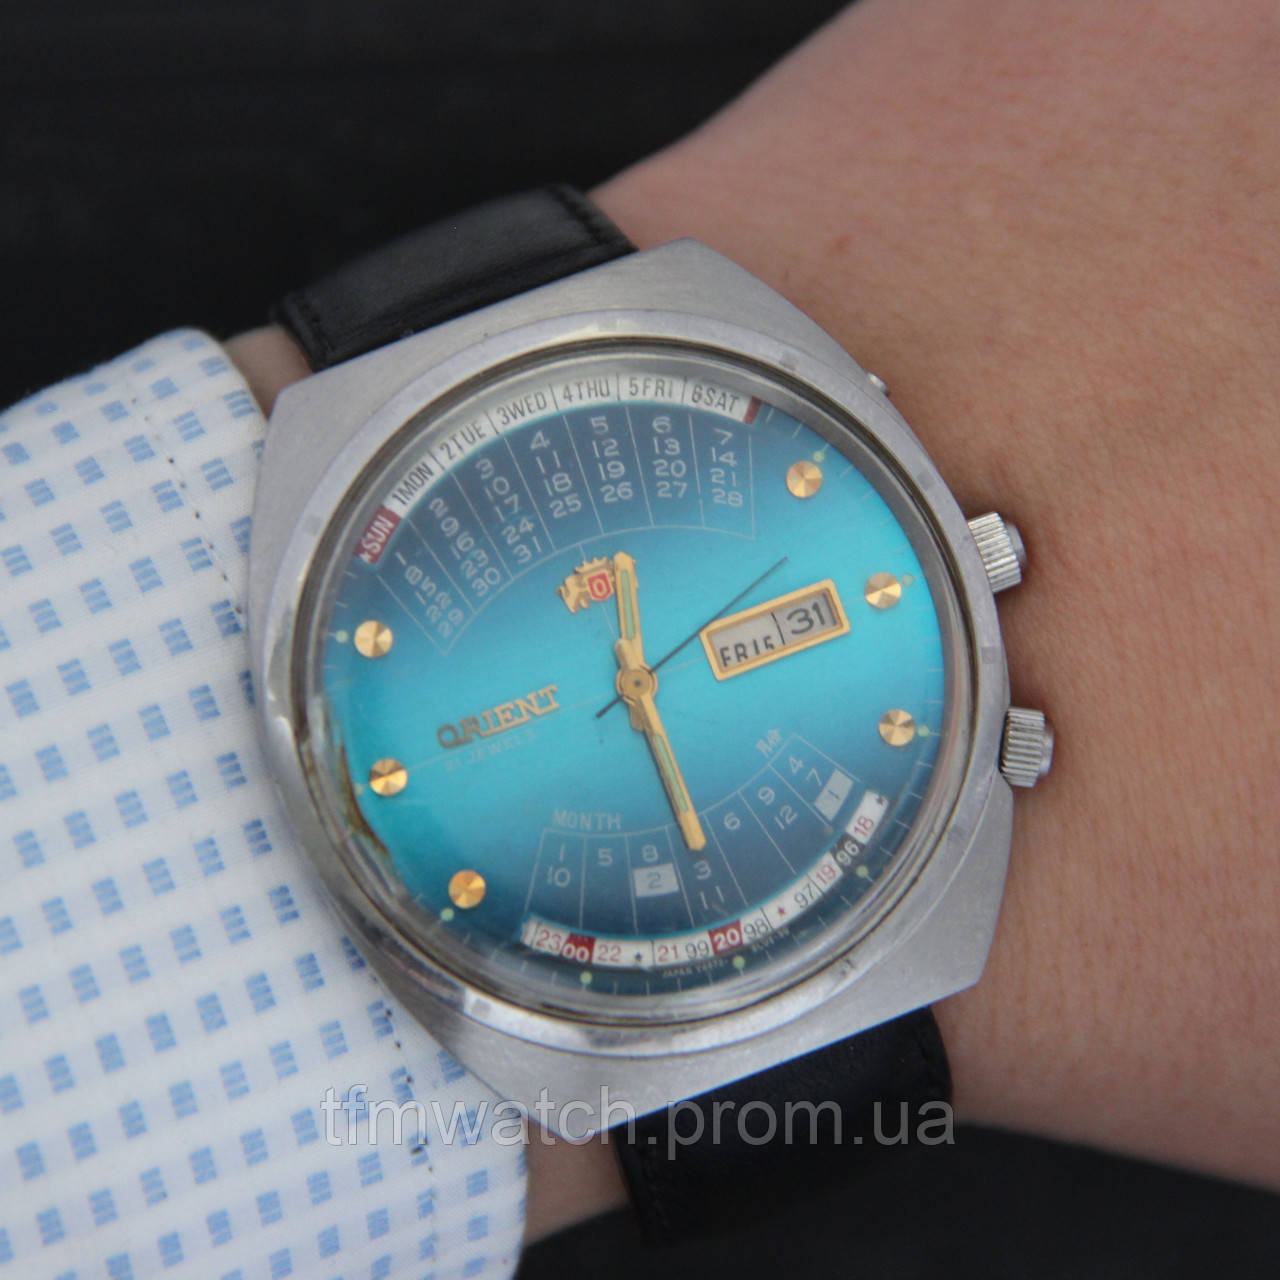 d5963472 Orient Ориент Колледж наручные часы с автоподзаводом Япония - Магазин  старинных, винтажных и антикварных часов